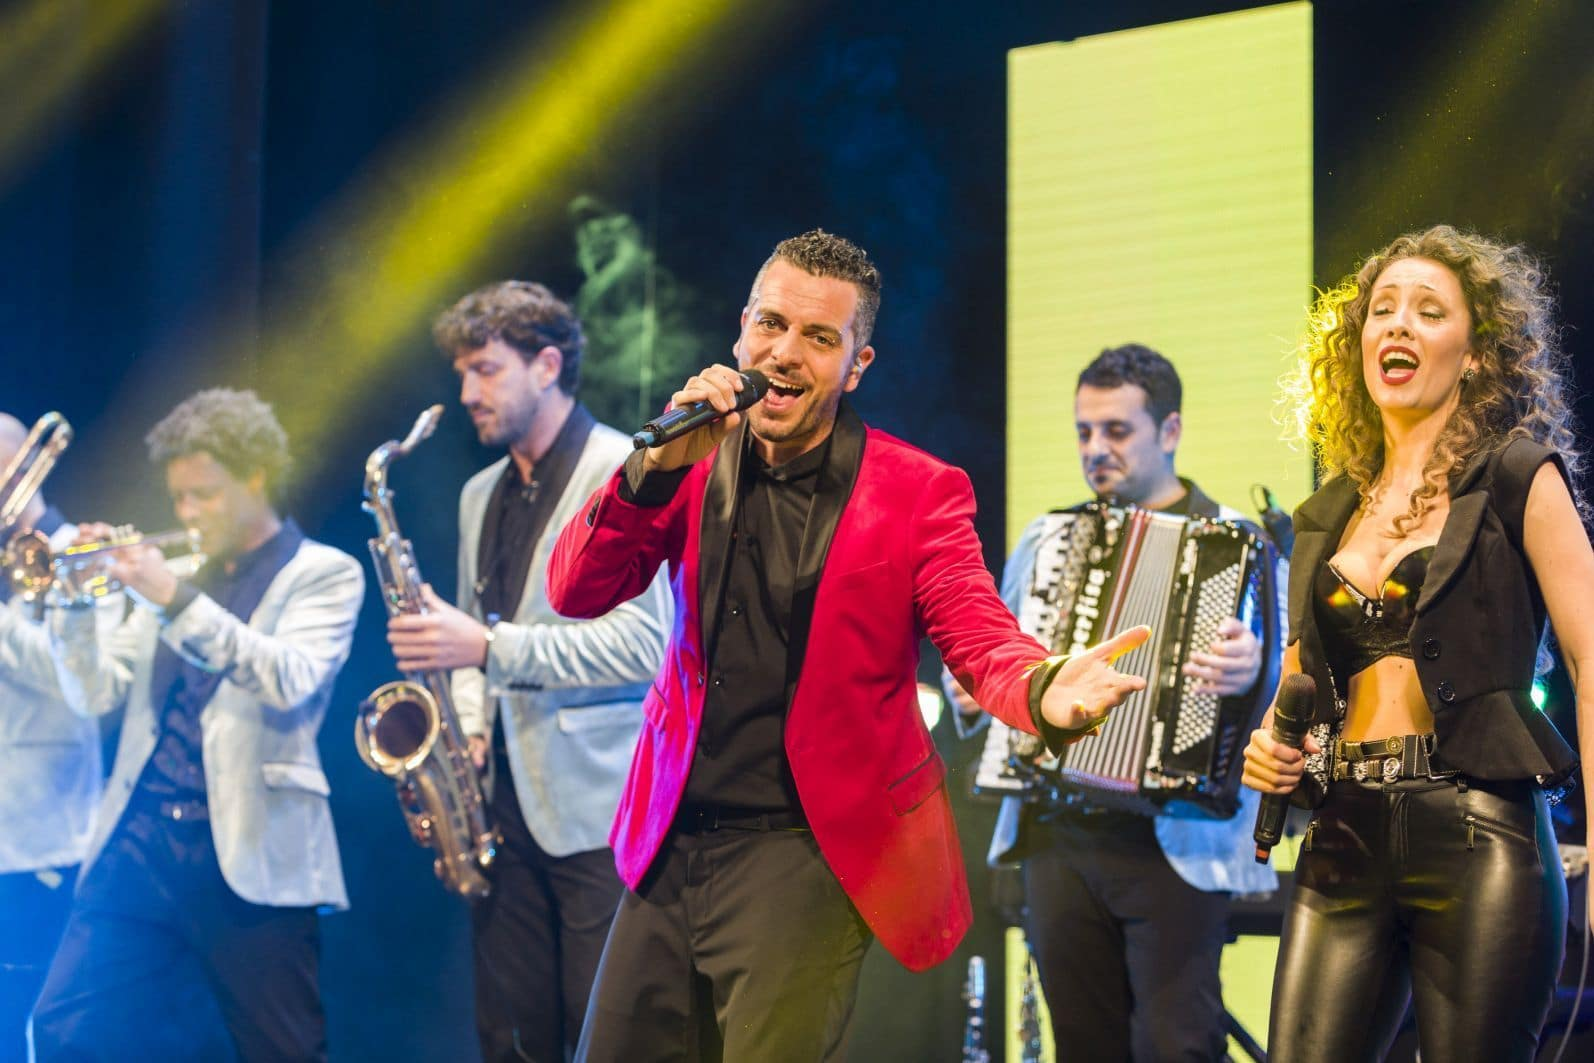 Il tour estivo di Mirko Casadei fa tappa a Fratticiola Selvatica venerdì 19 luglio